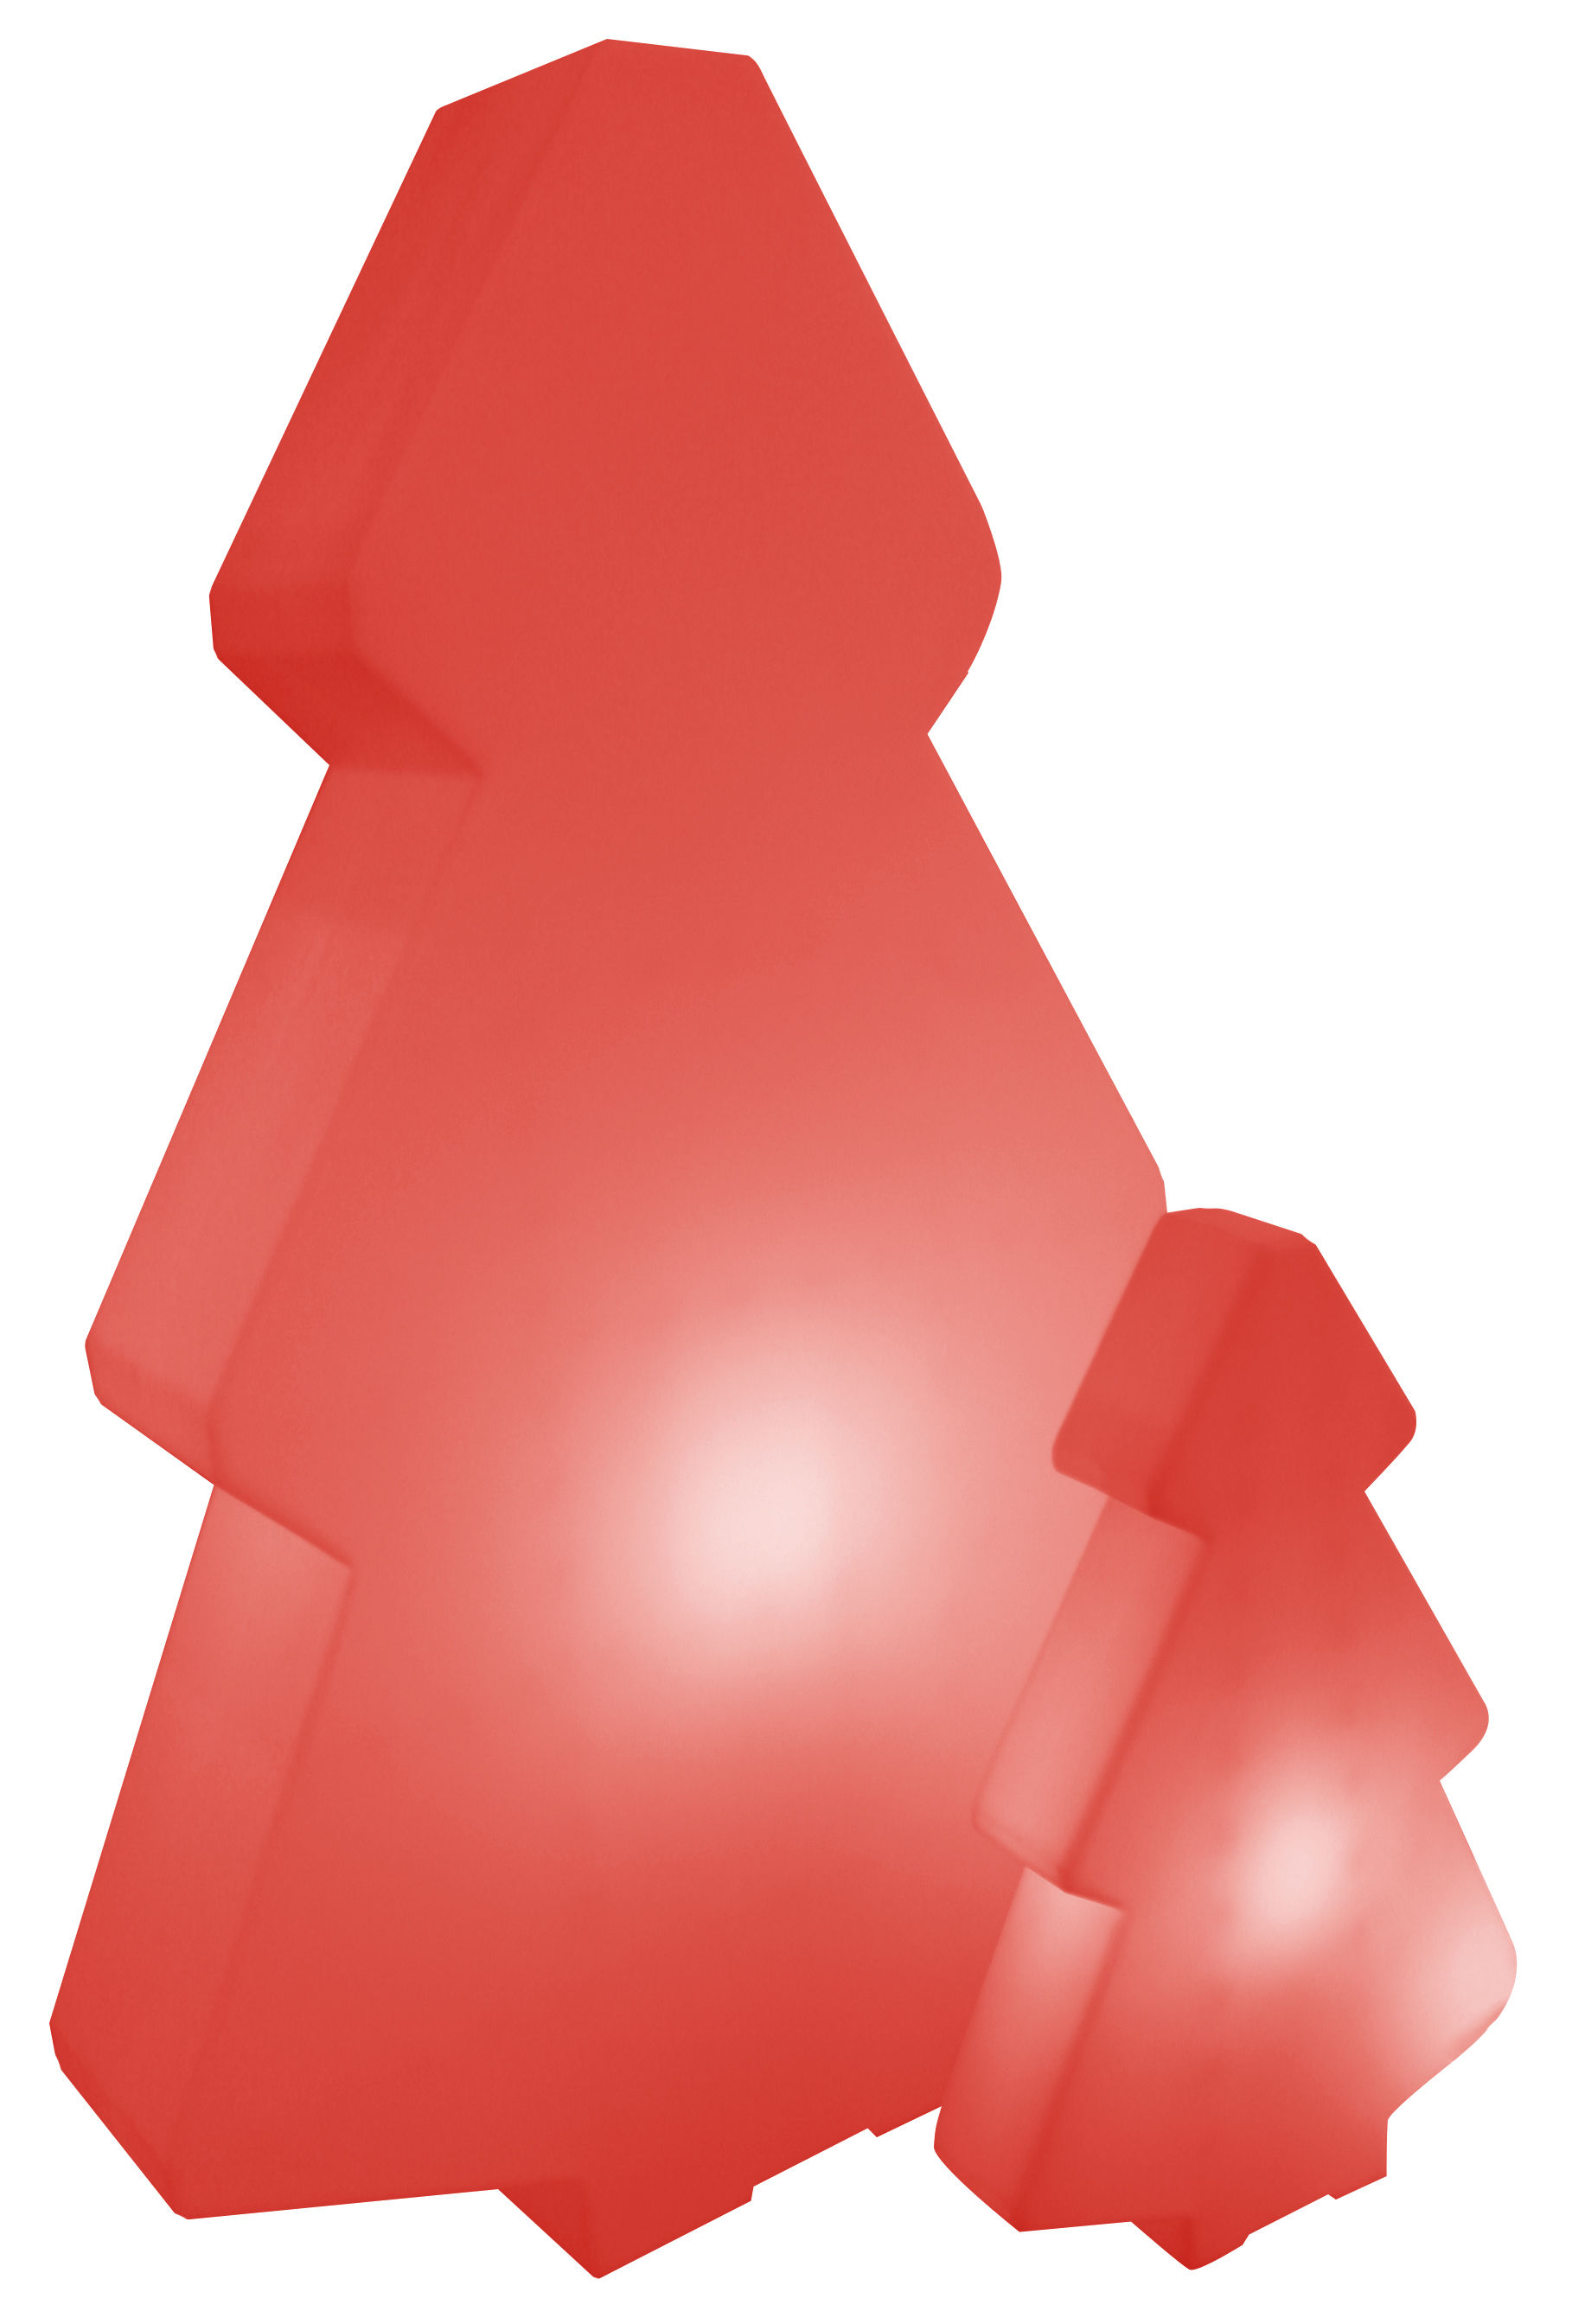 Arredamento - Mobili luminosi - Lampada a stelo Lightree Indoor - per l'interno di Slide - Rosso-interno - polyéthène recyclable